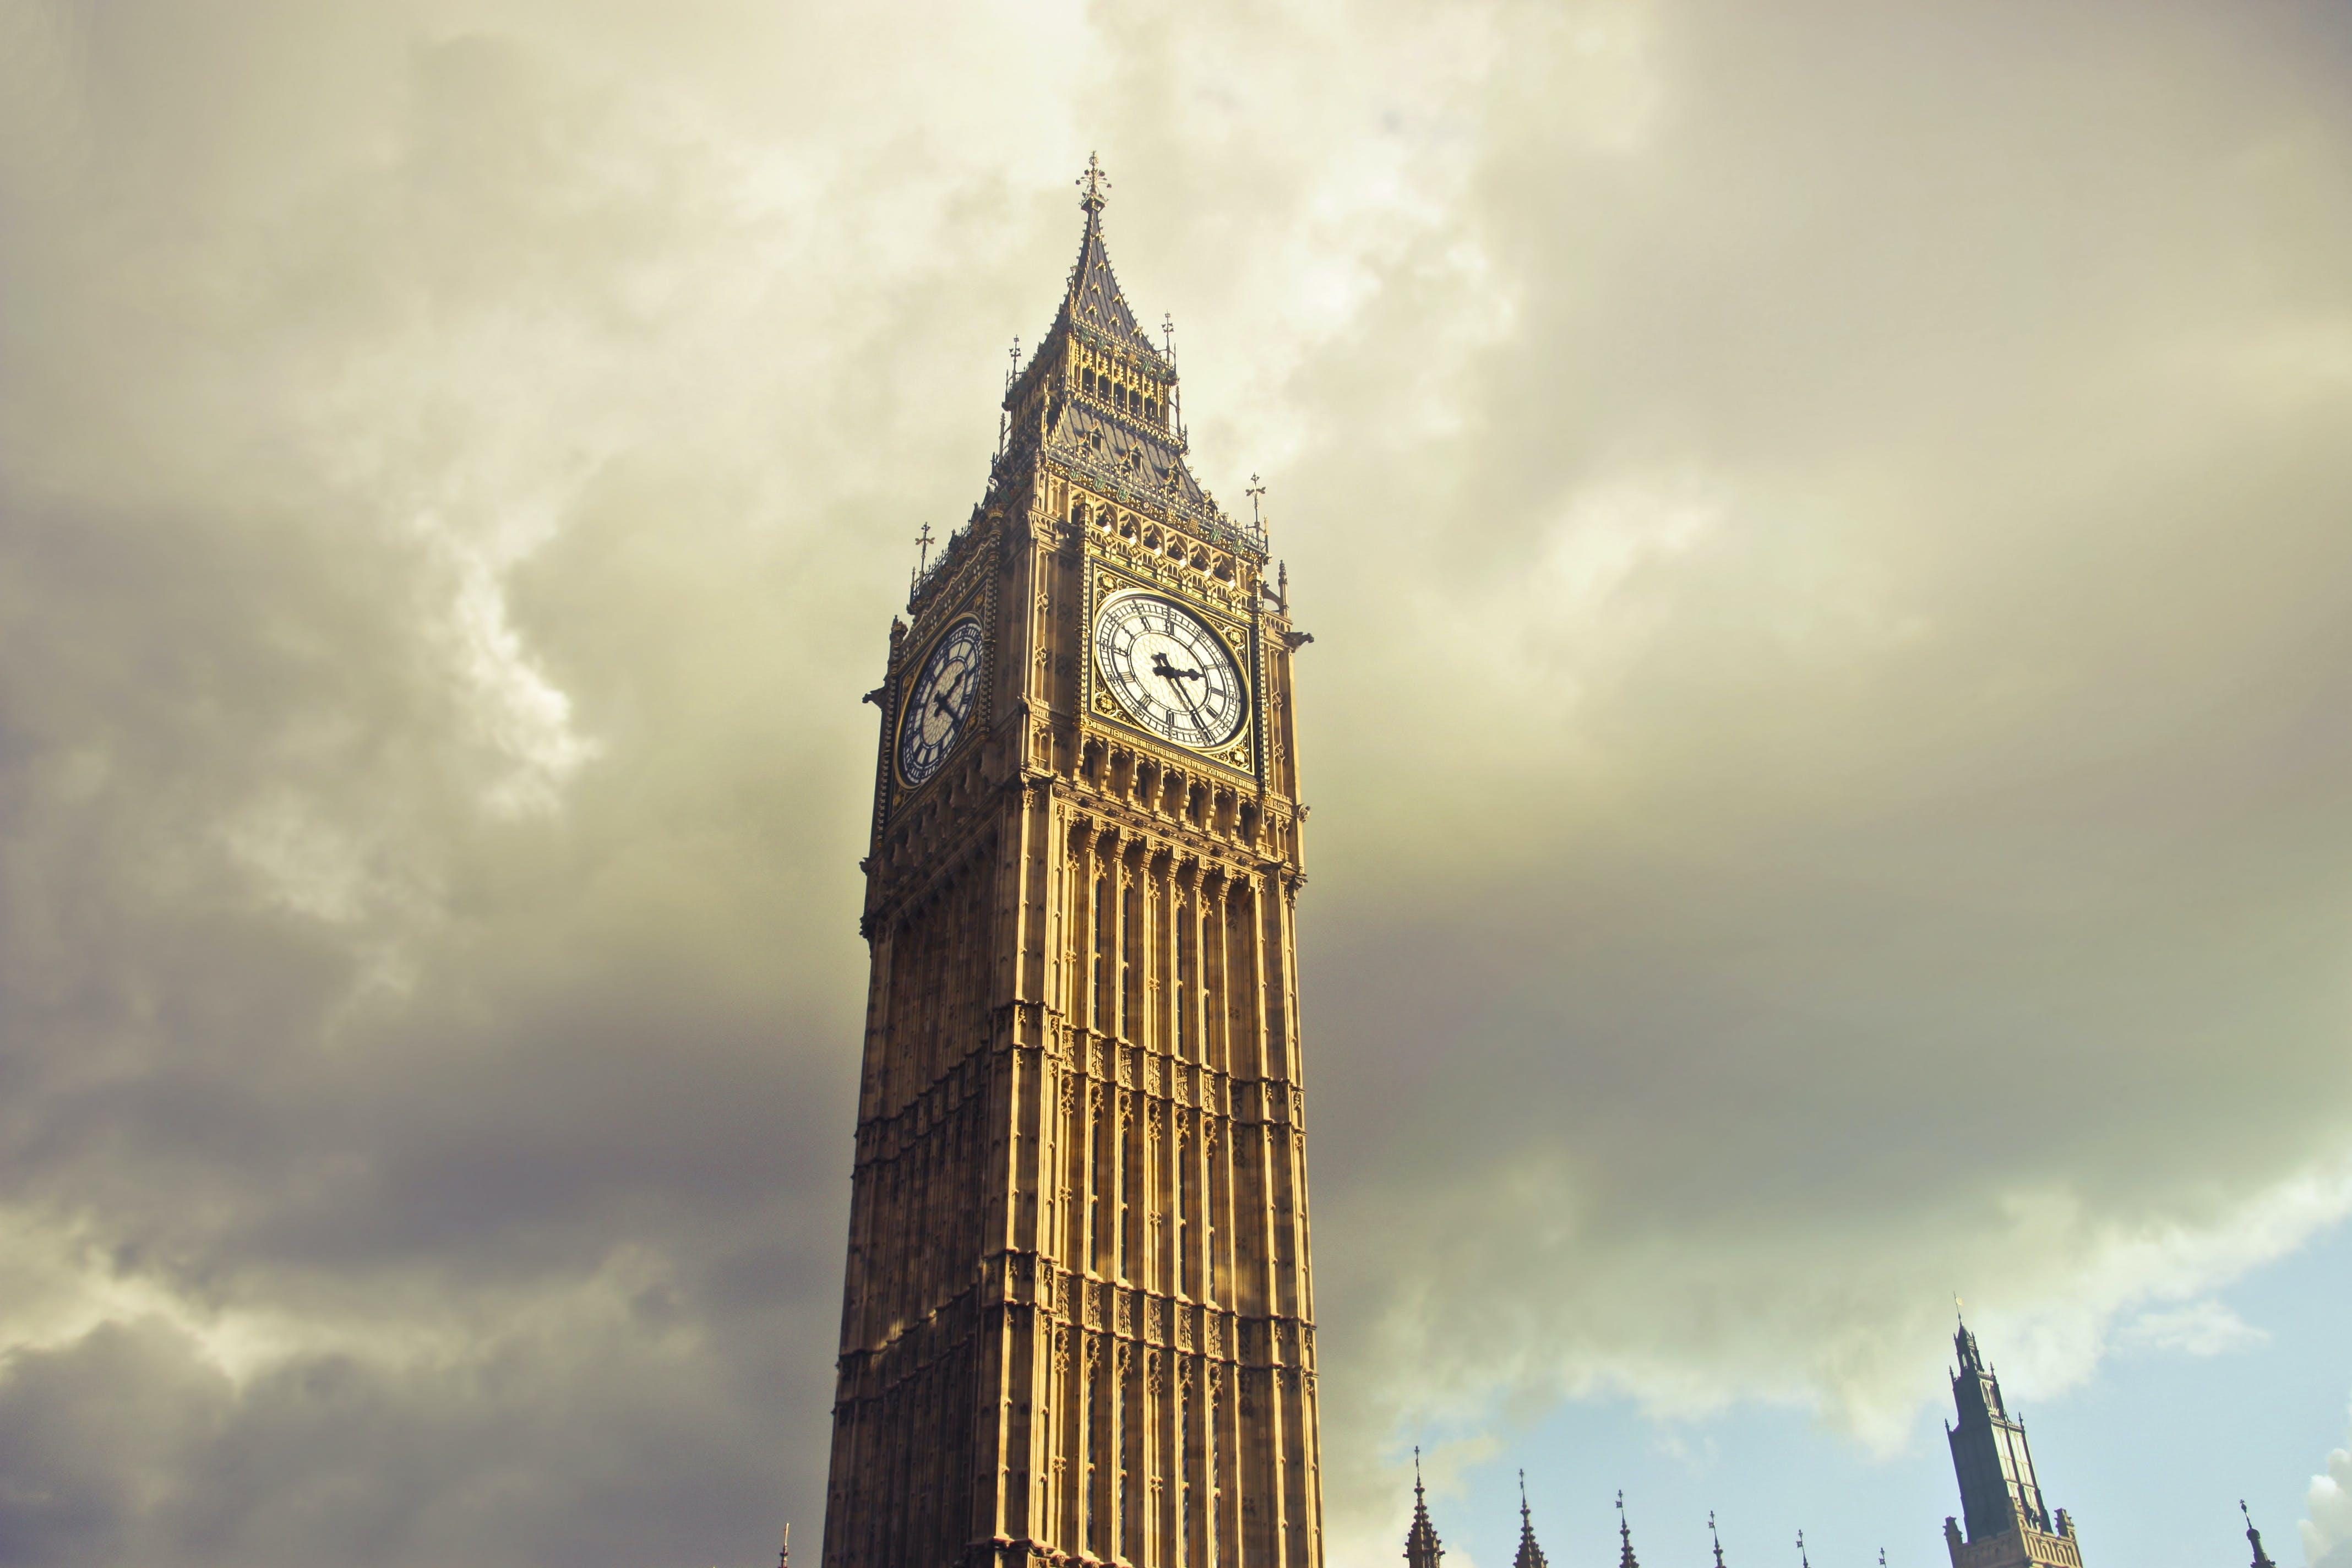 Δωρεάν στοκ φωτογραφιών με big ben, Αγγλία, αρχιτεκτονική, αστικός